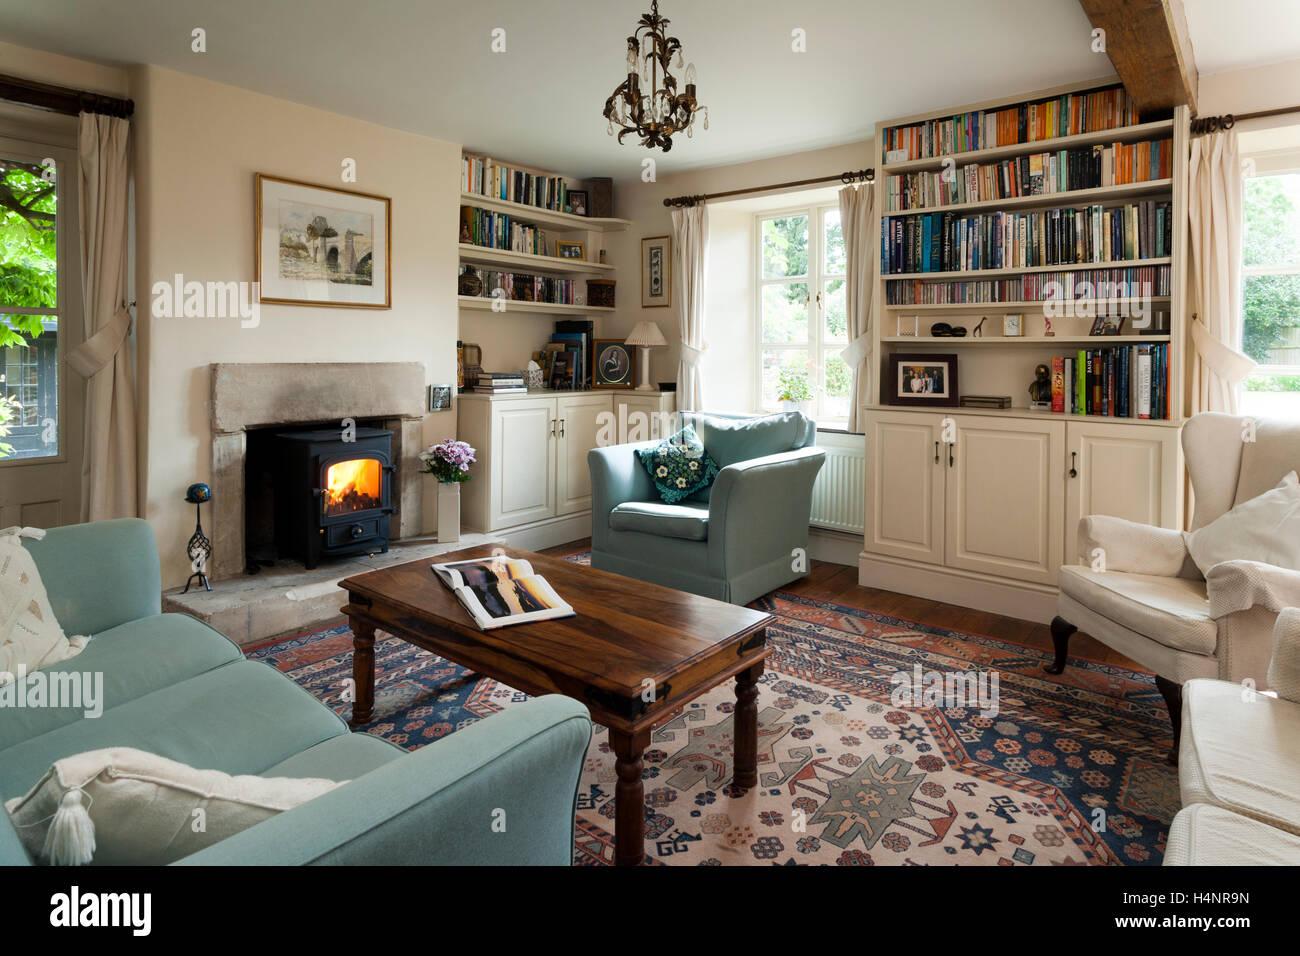 Ein traditionell eingerichtetes Wohnzimmer Stockfoto, Bild ...